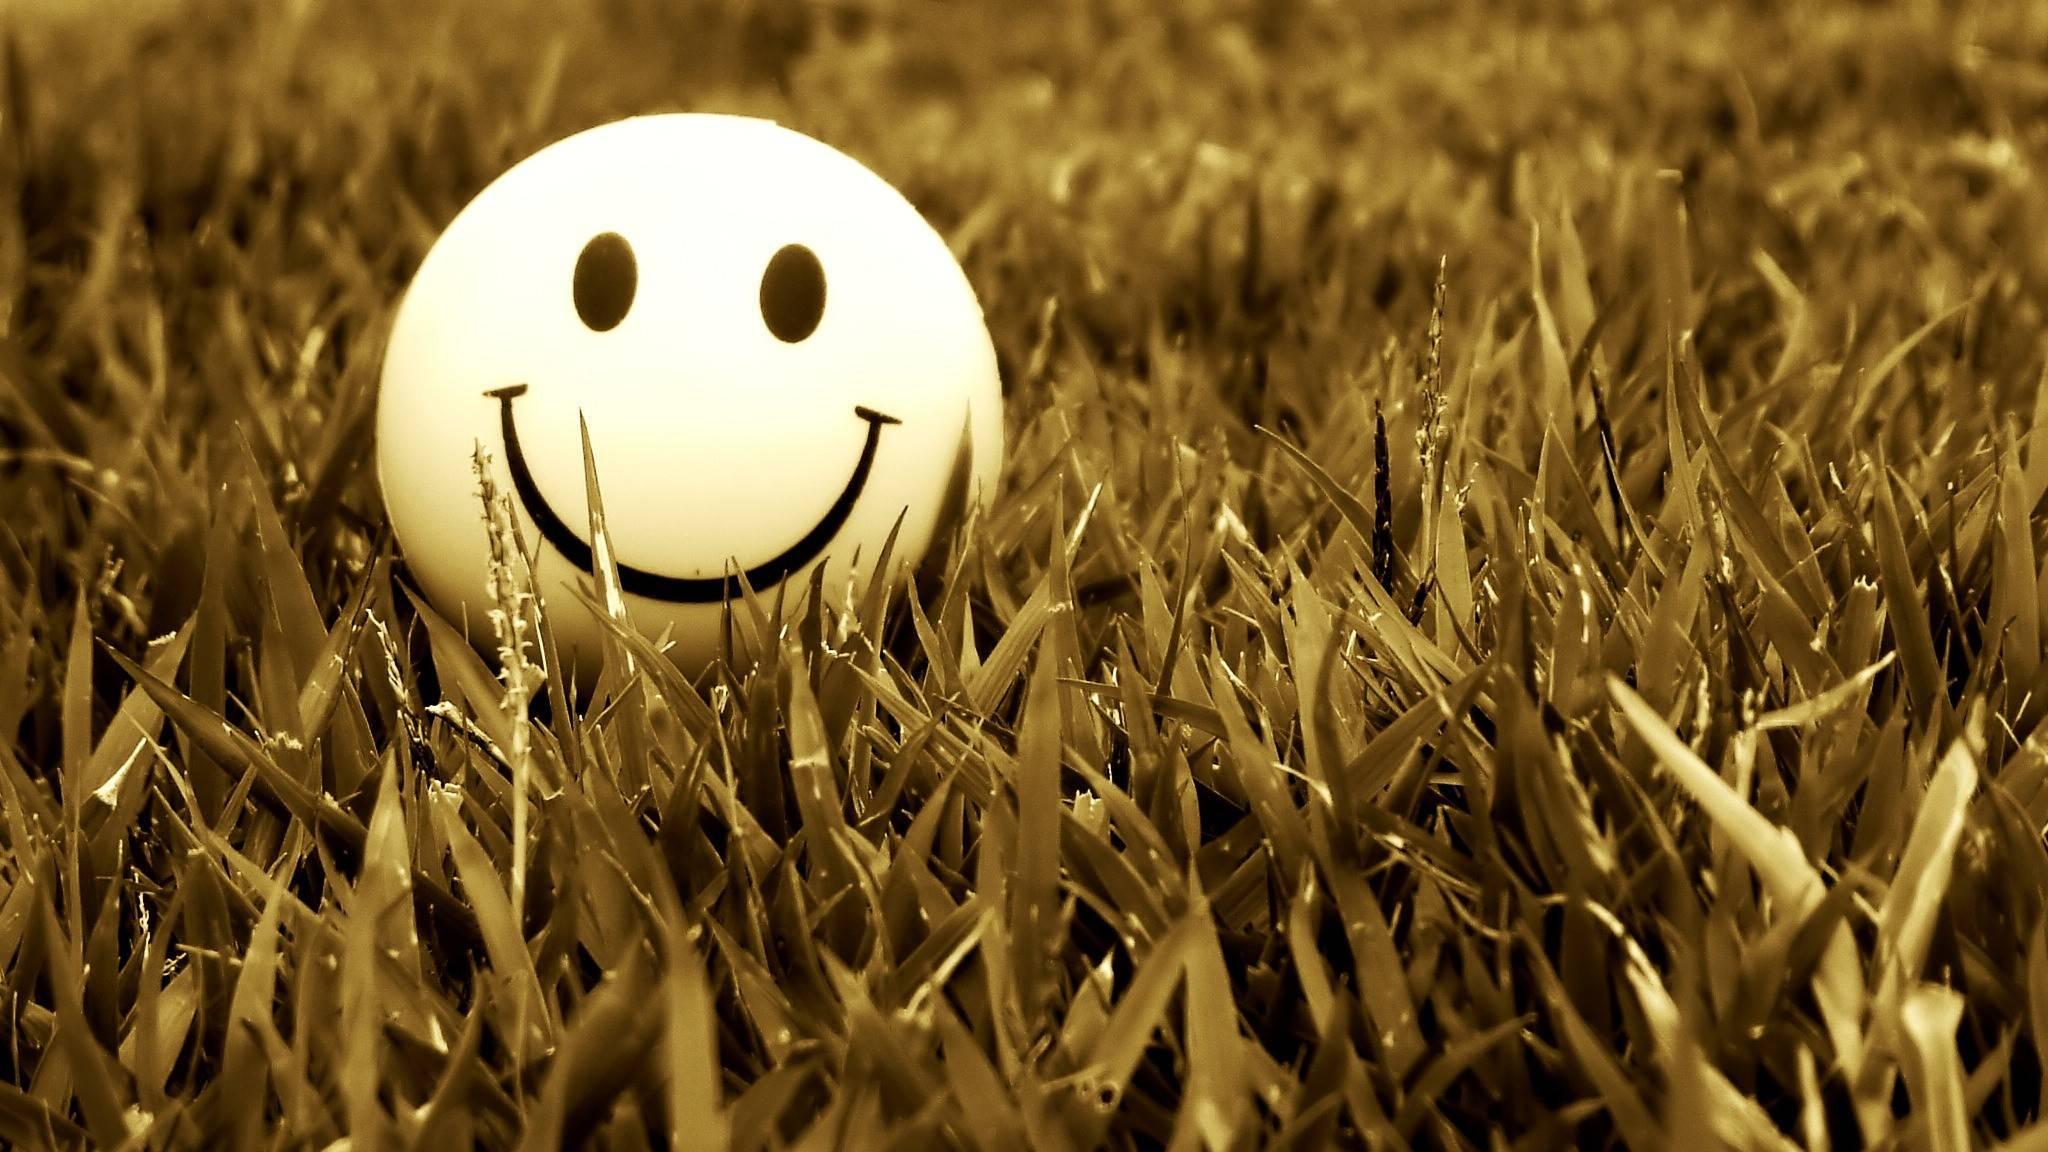 Grass Smiling 2048 1152 Wallpaper 2158365 2048x1152